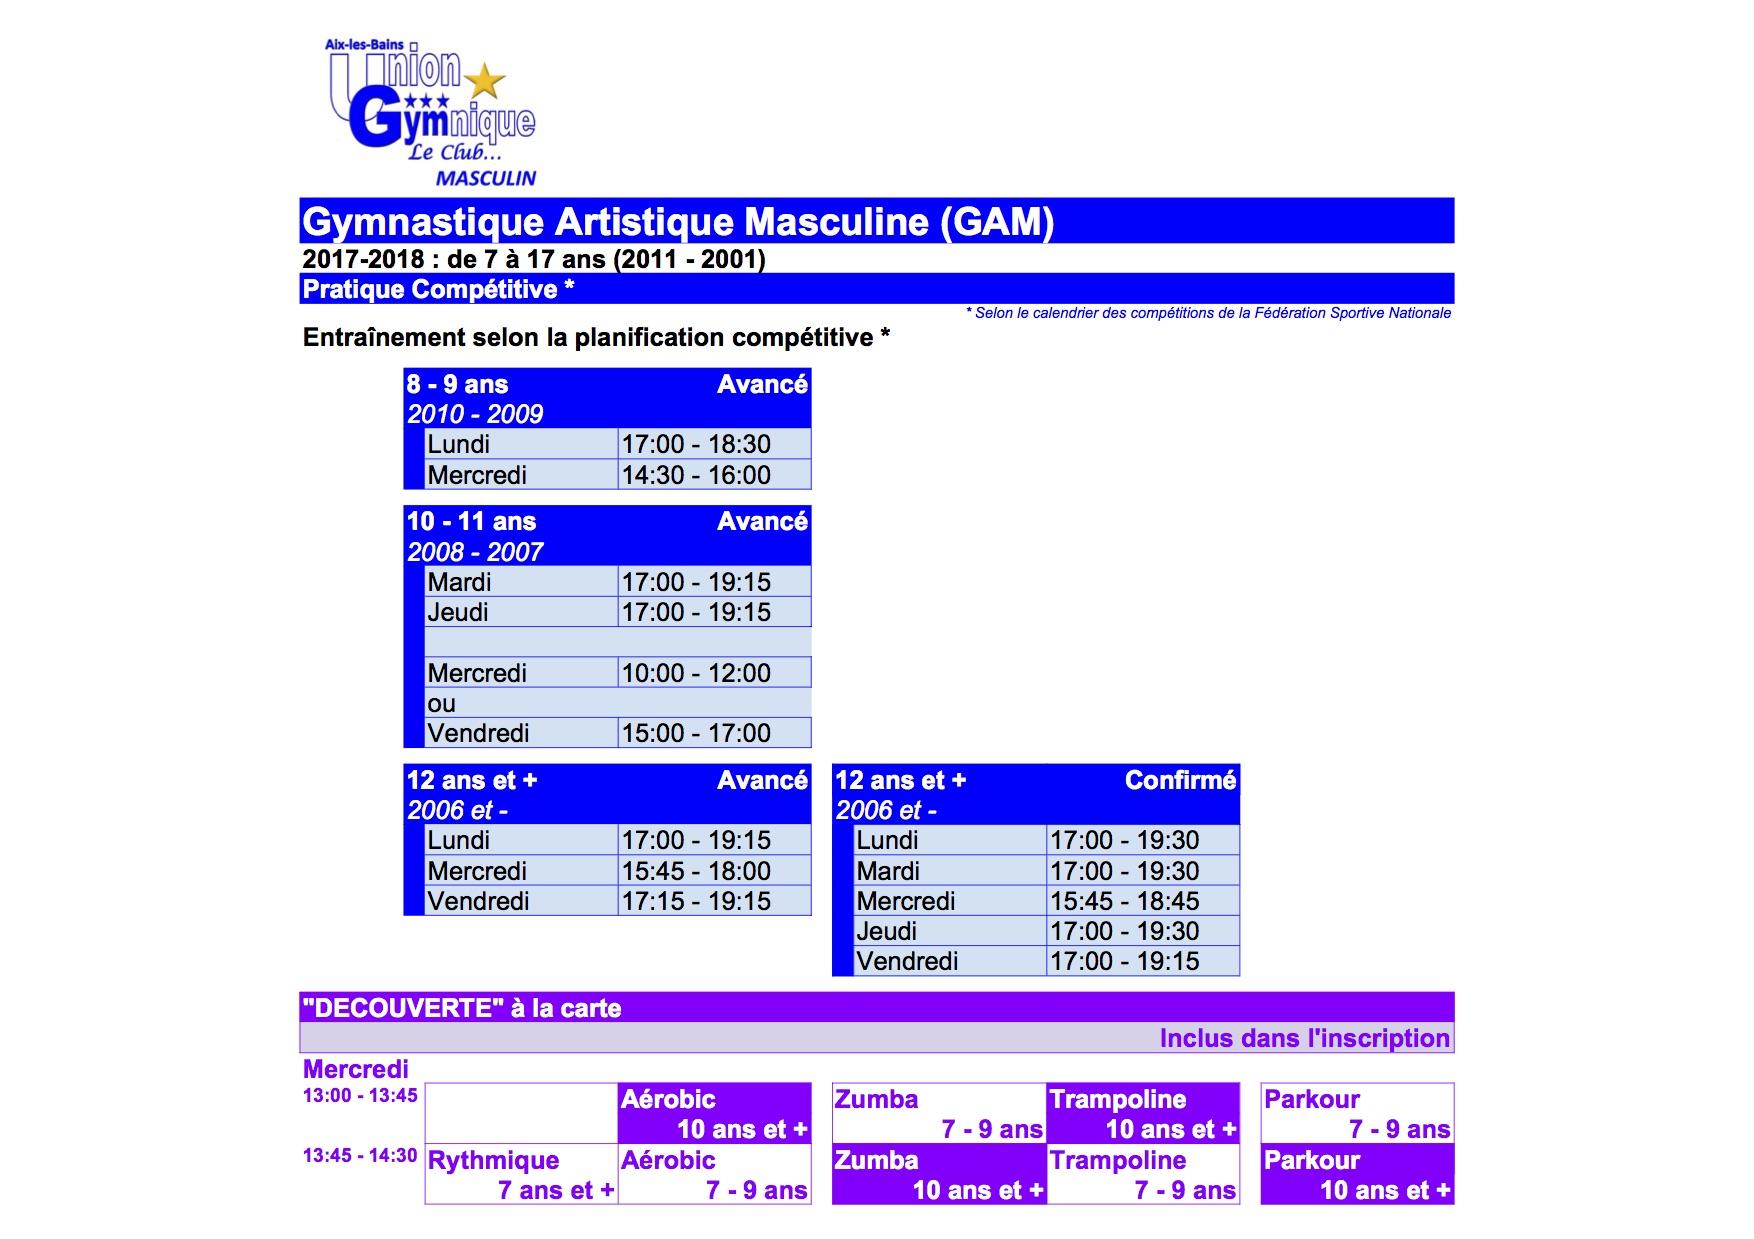 GYM Garçons - Planning